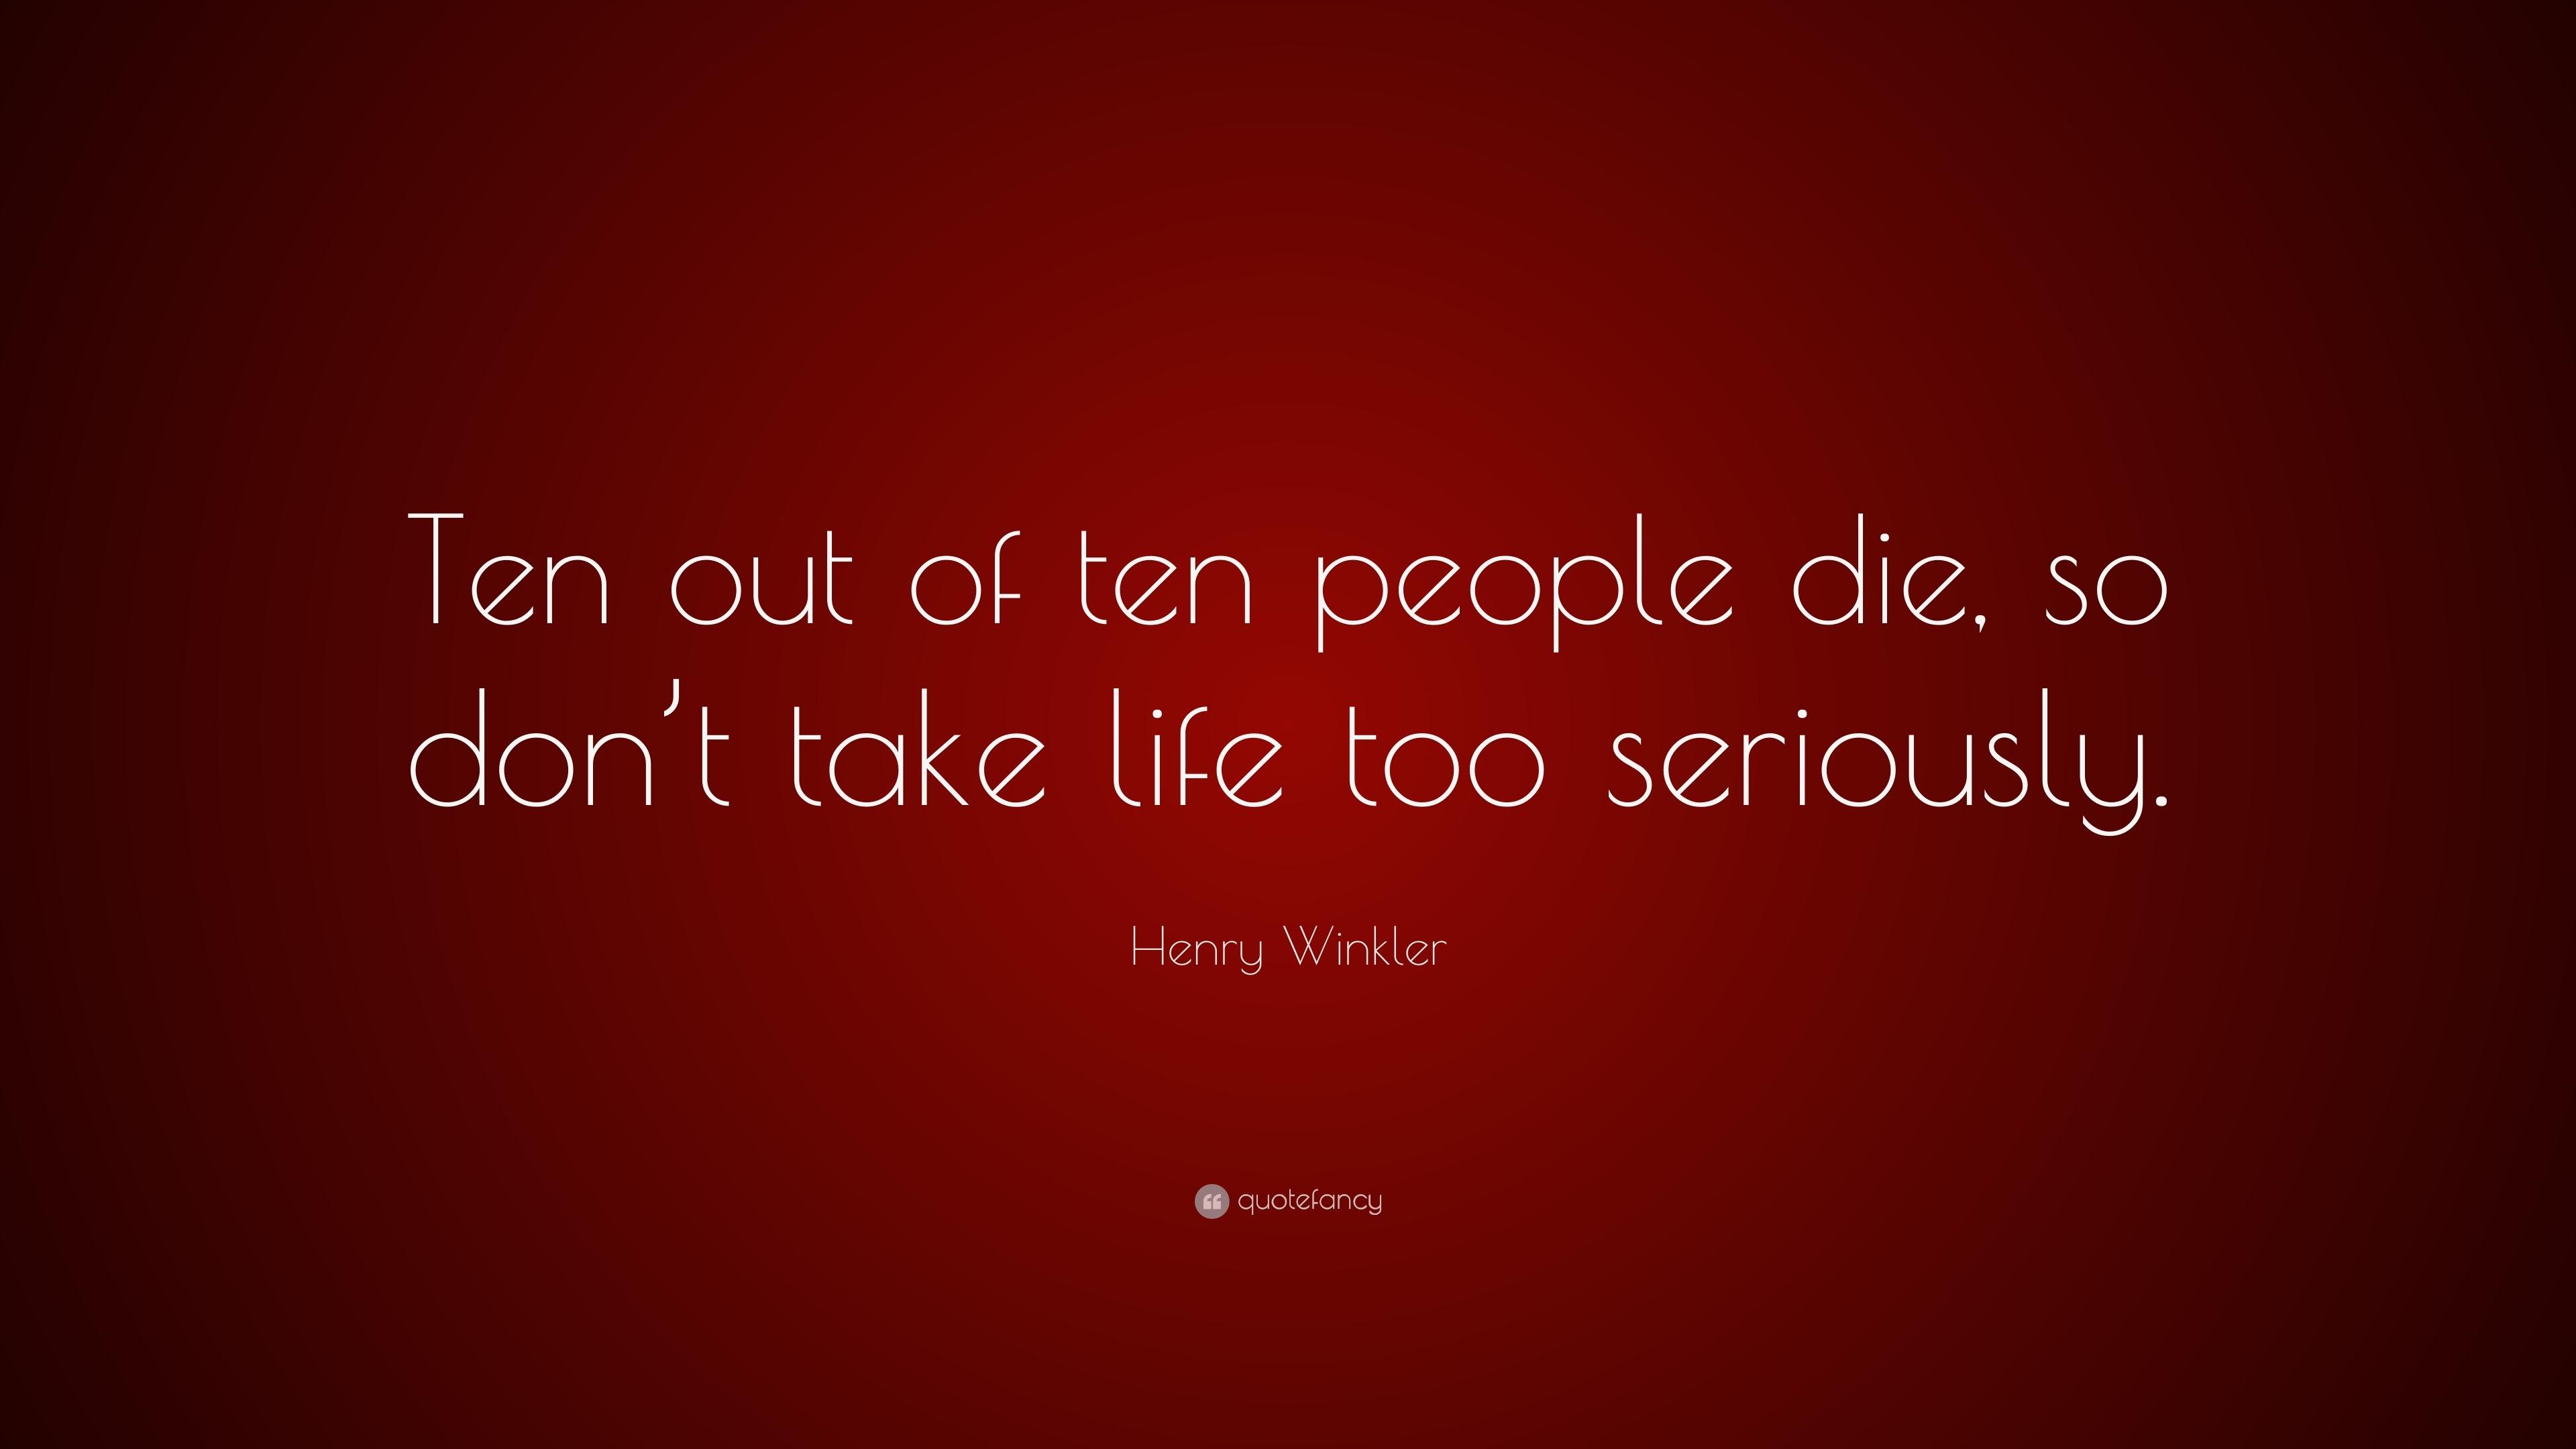 Henry winkler divorced - Henry Winkler Die Henry Winkler Quote Ten Out Of Ten People Die So Don T